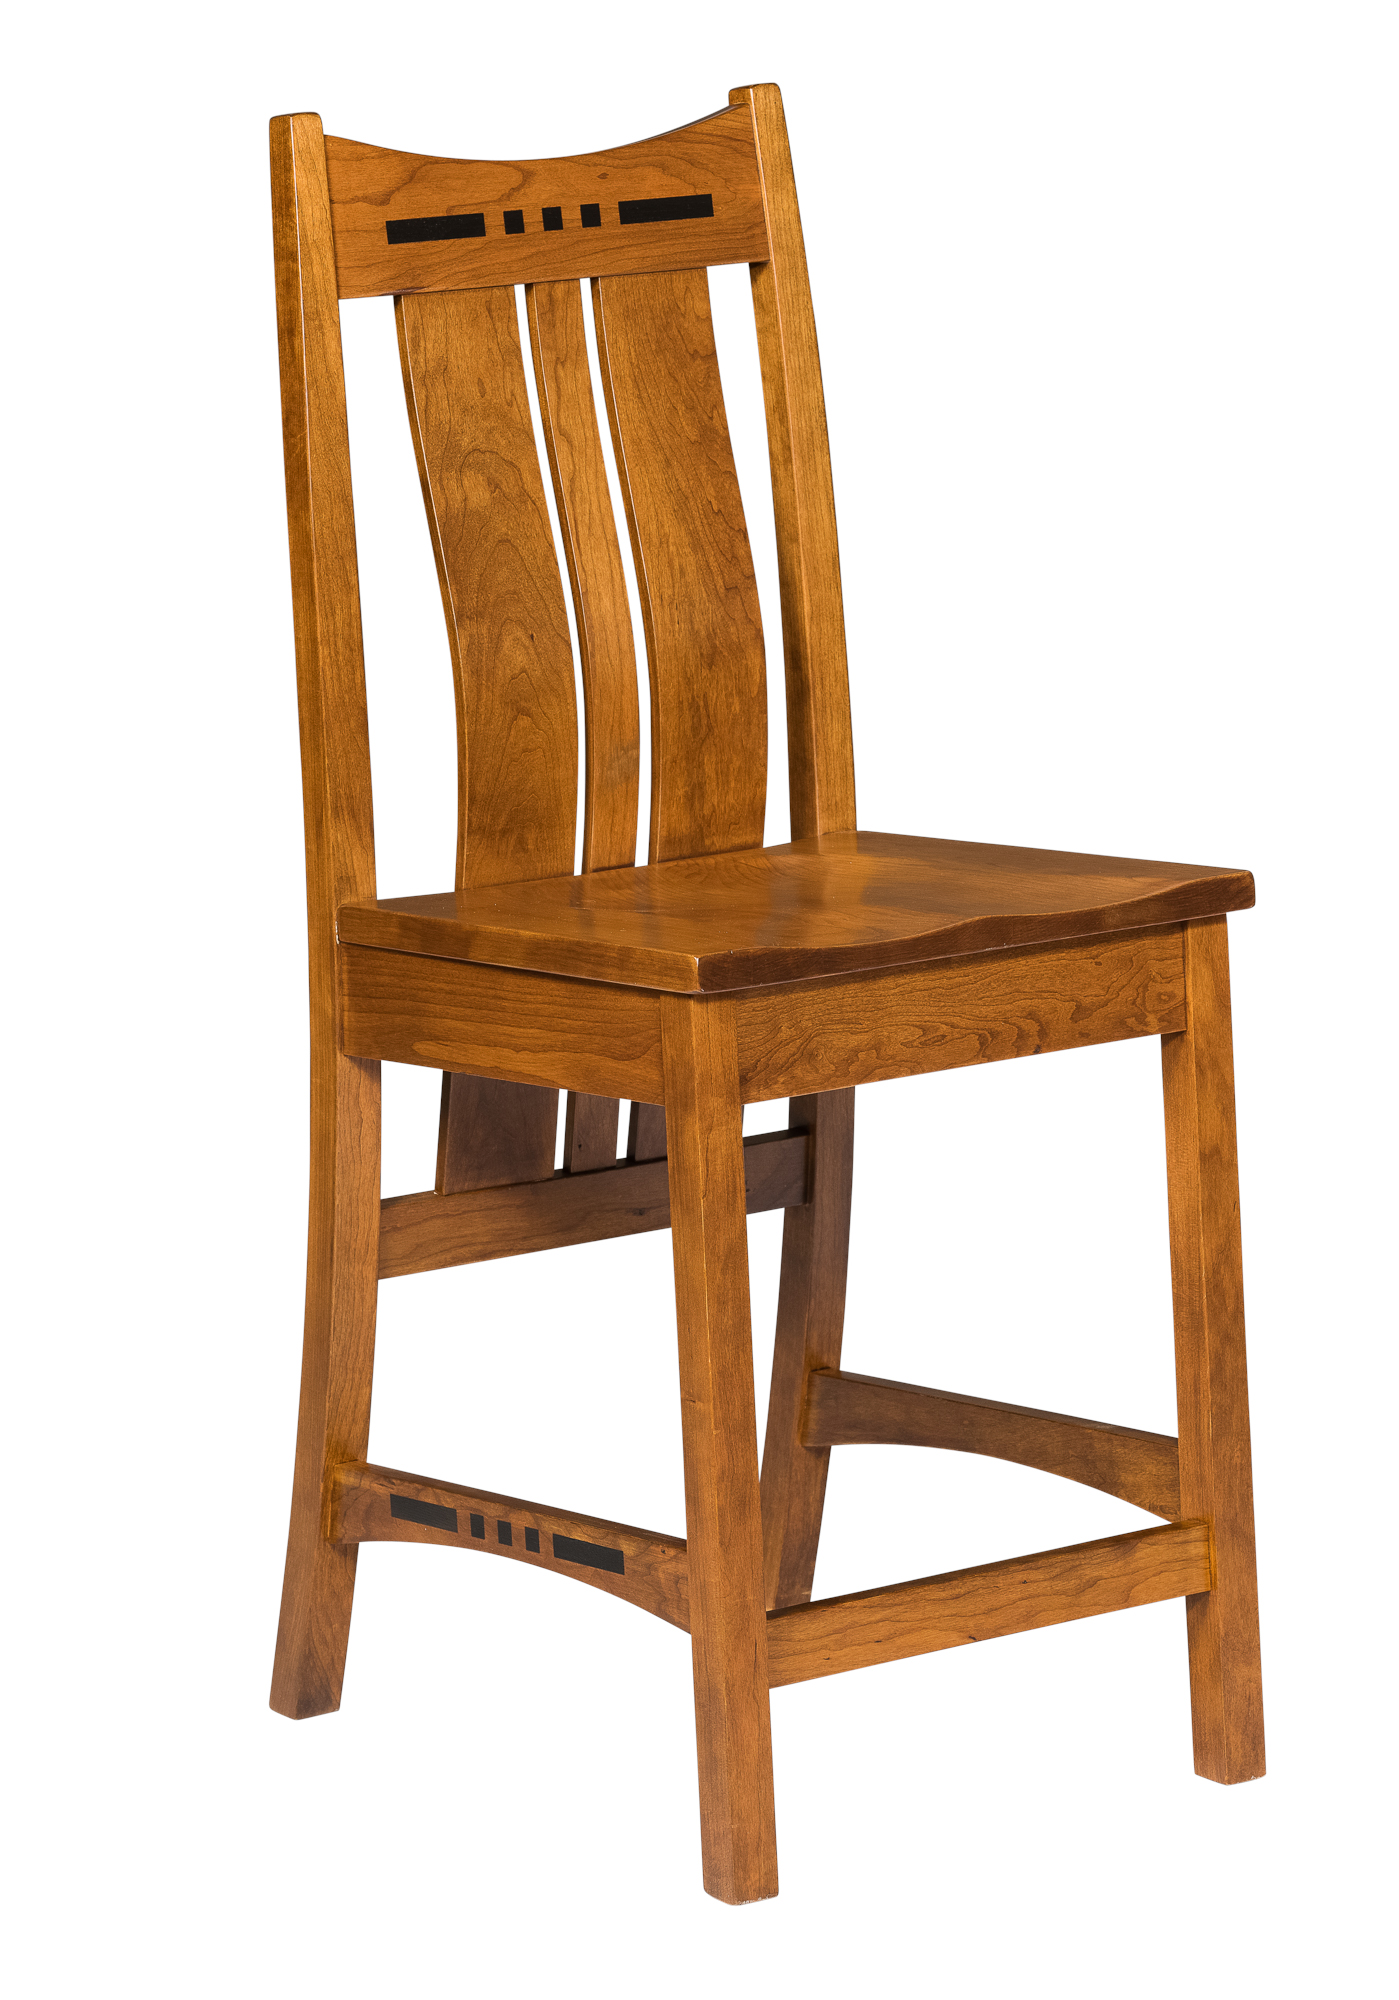 Hayworth Bar Chair by Fusion Designs - Stewart Roth Furniture